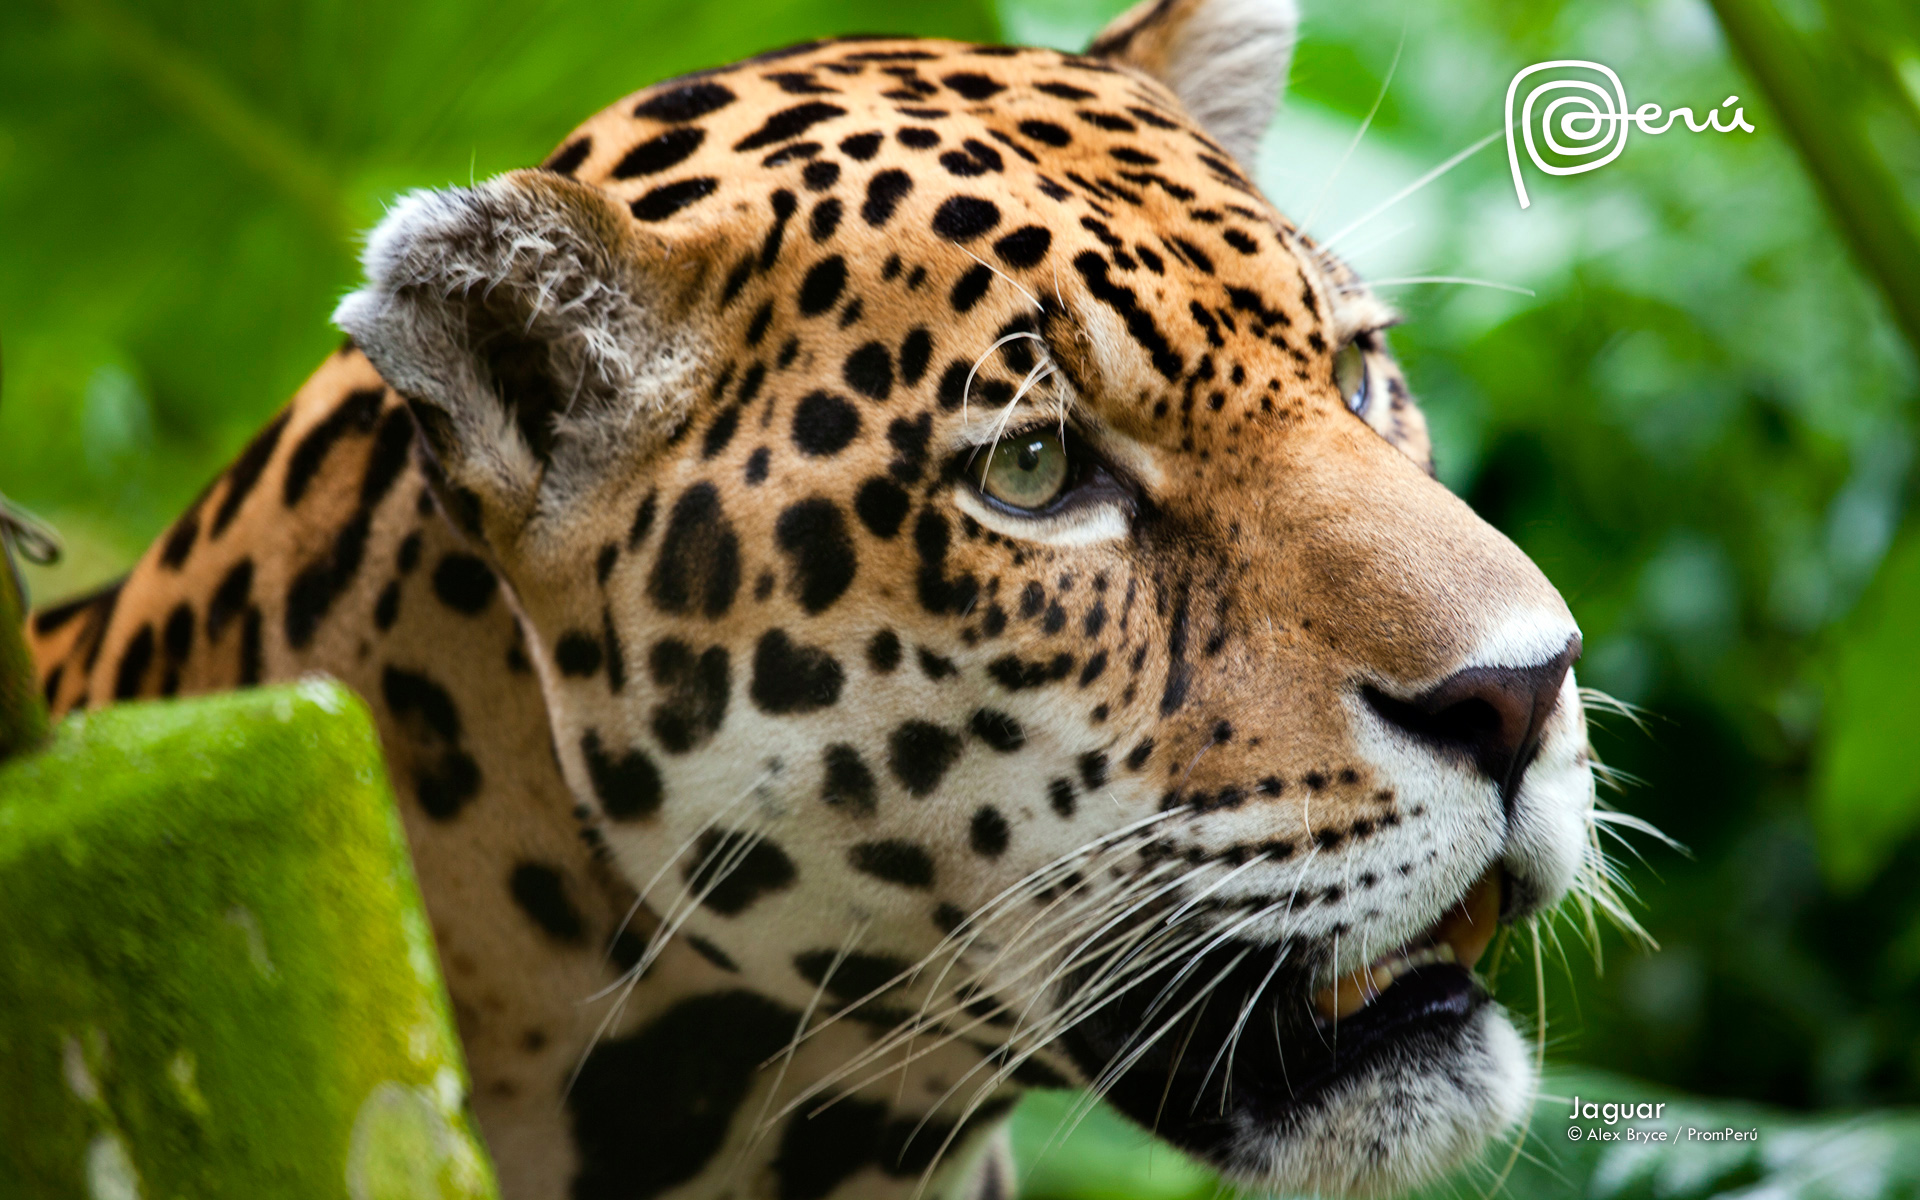 Jaguar The Big Cat Wallpapers HD Wallpapers 1920x1200